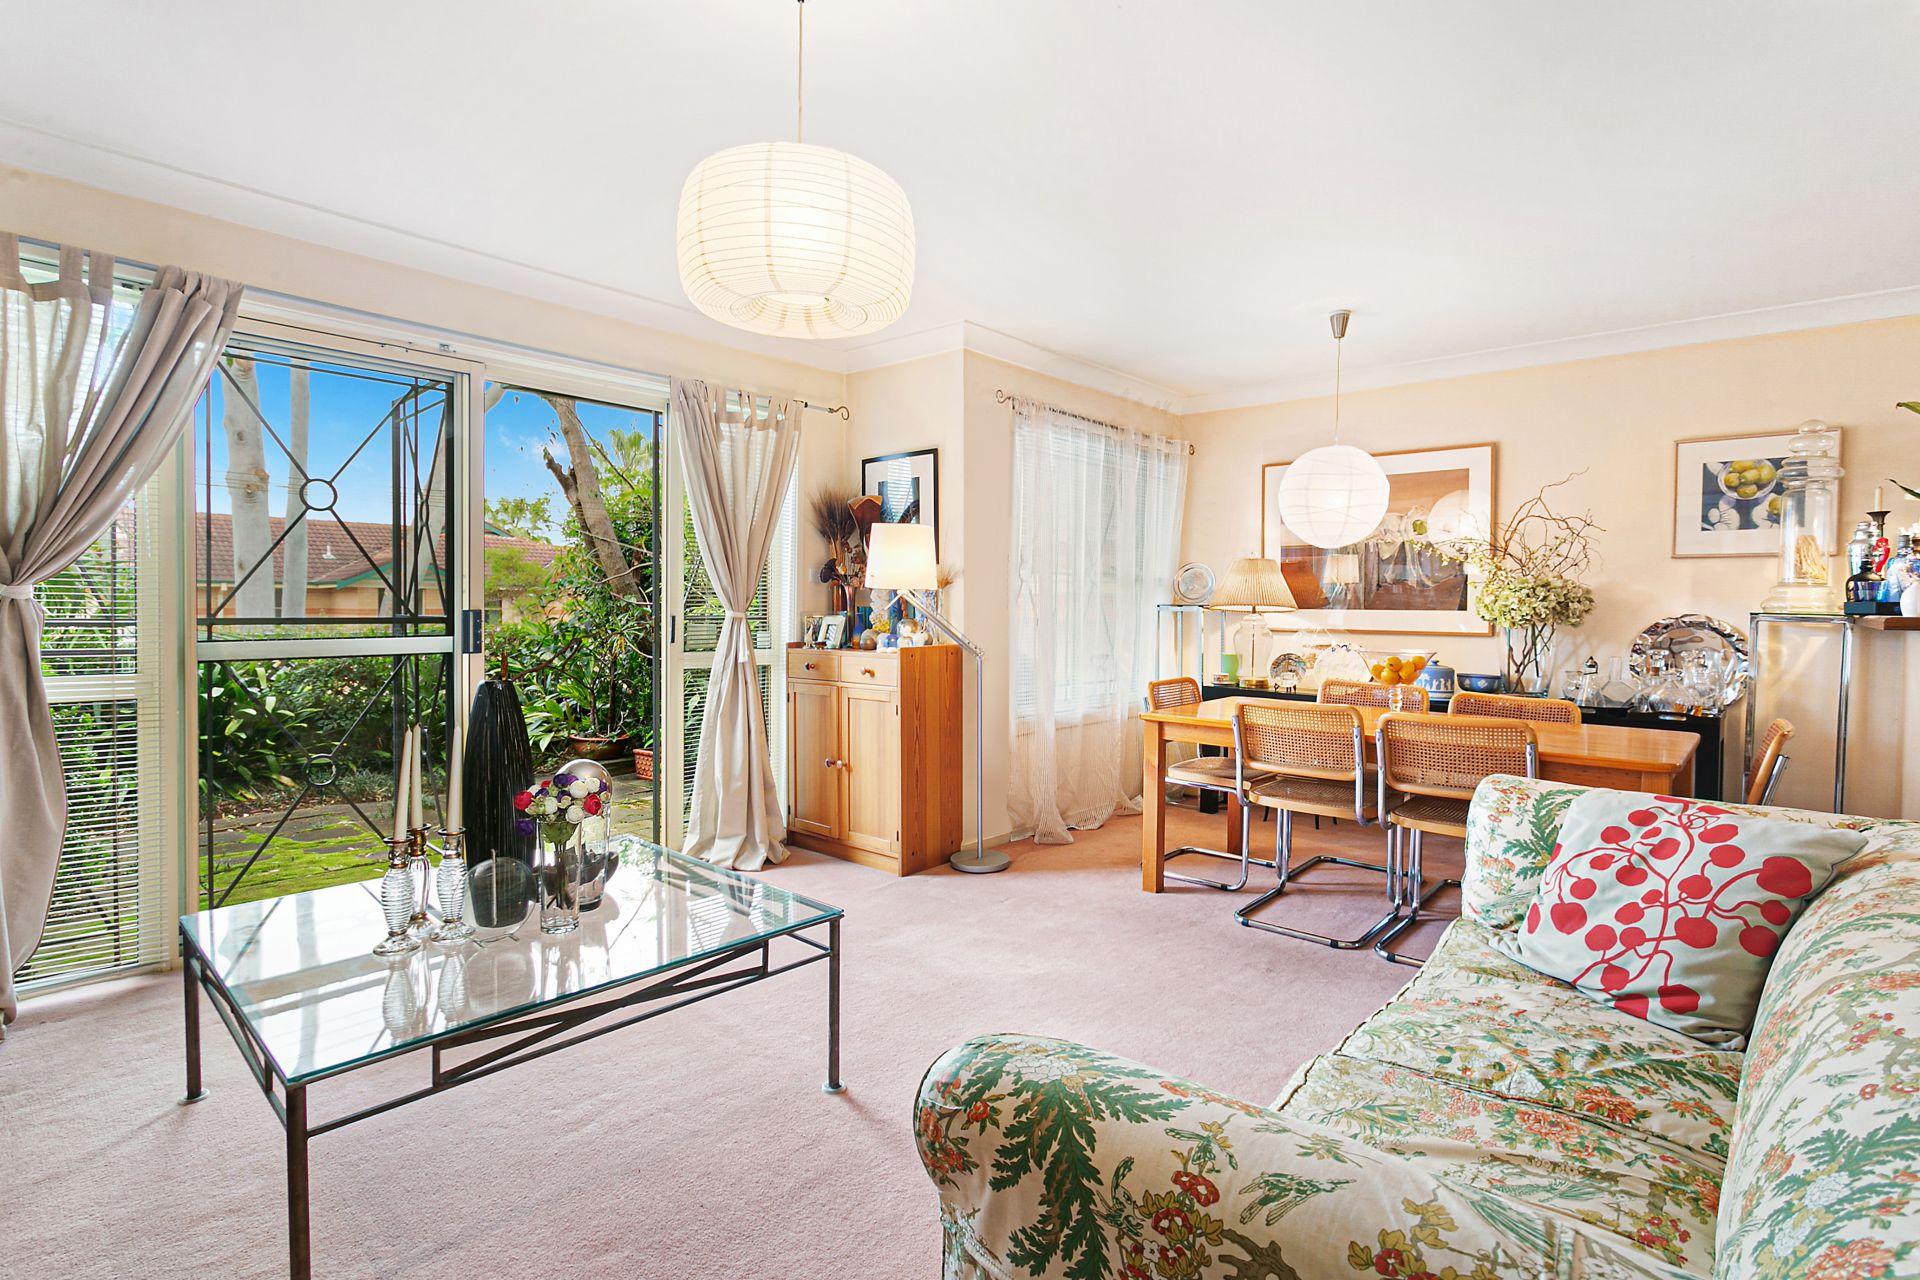 23/1 Bennett Avenue, Strathfield South NSW 2136